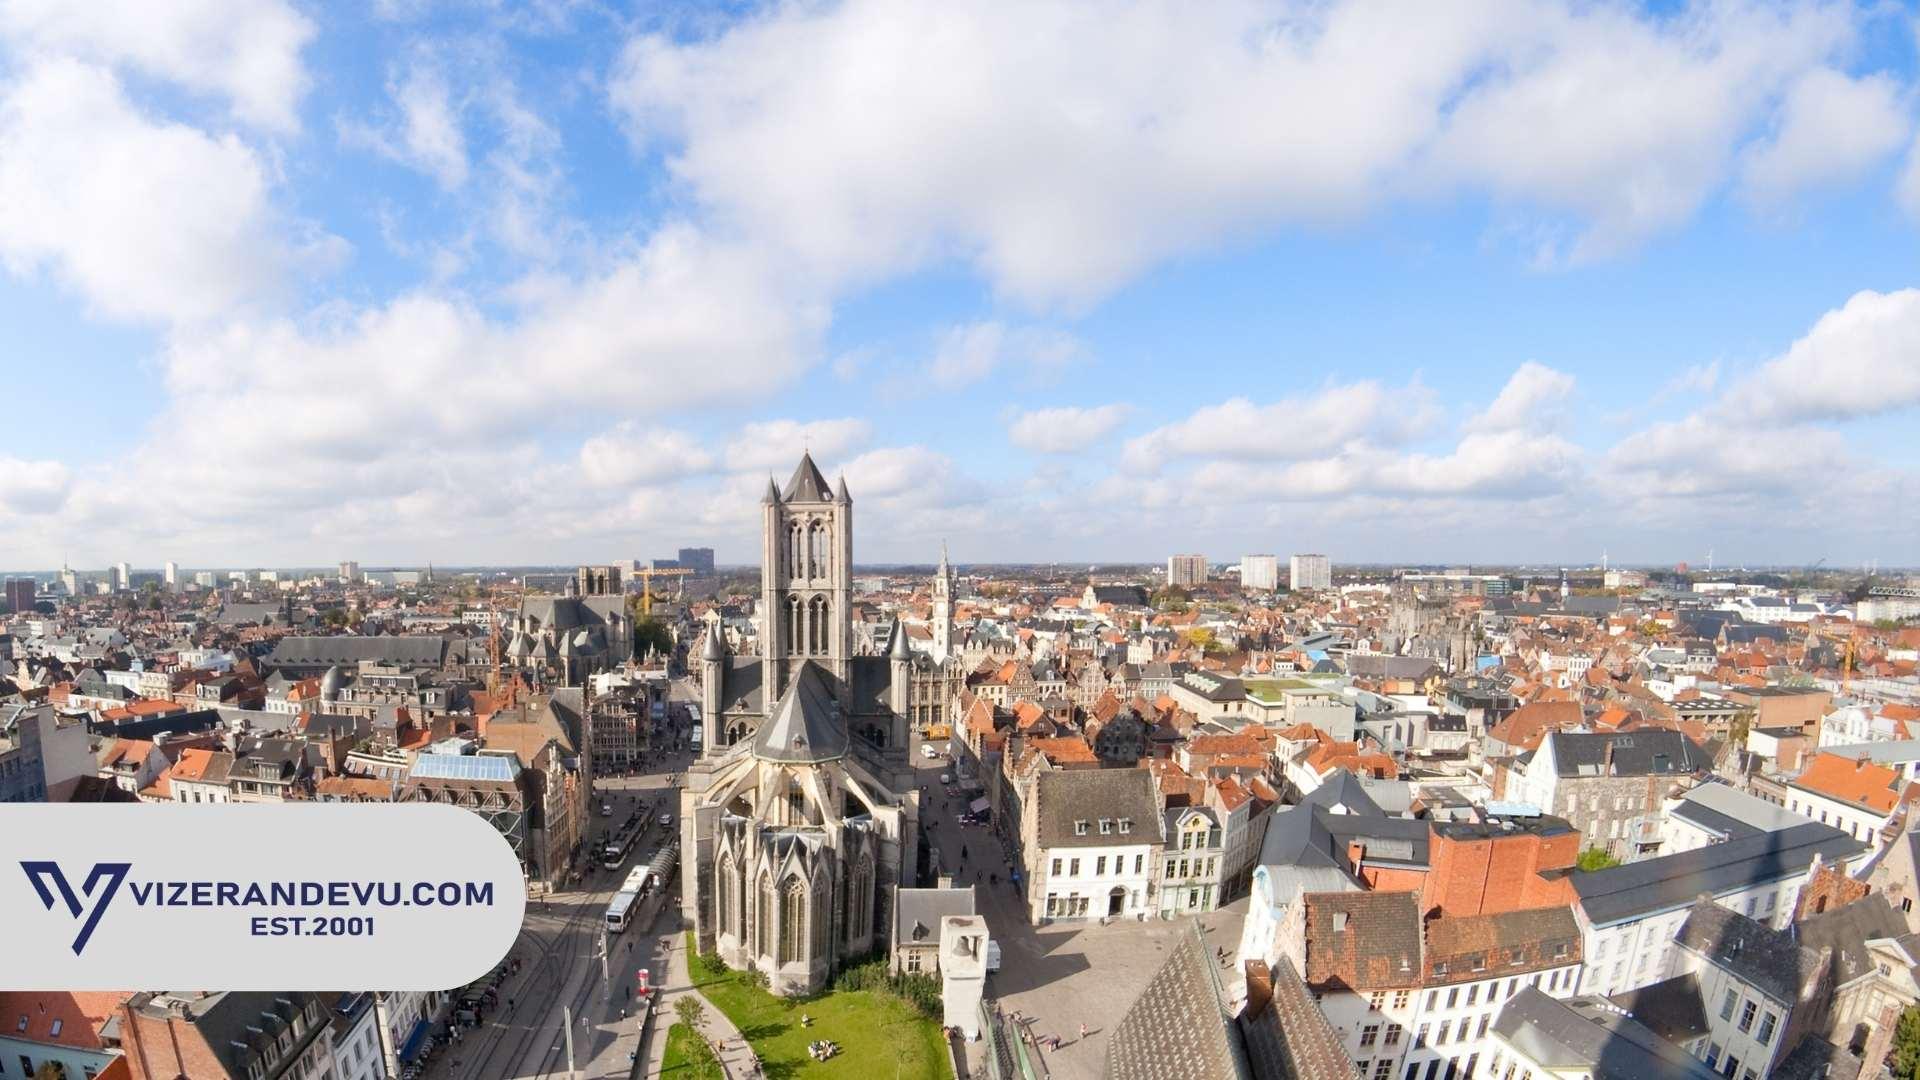 Belçika Aile Oturum Vize Başvuru Evrakları